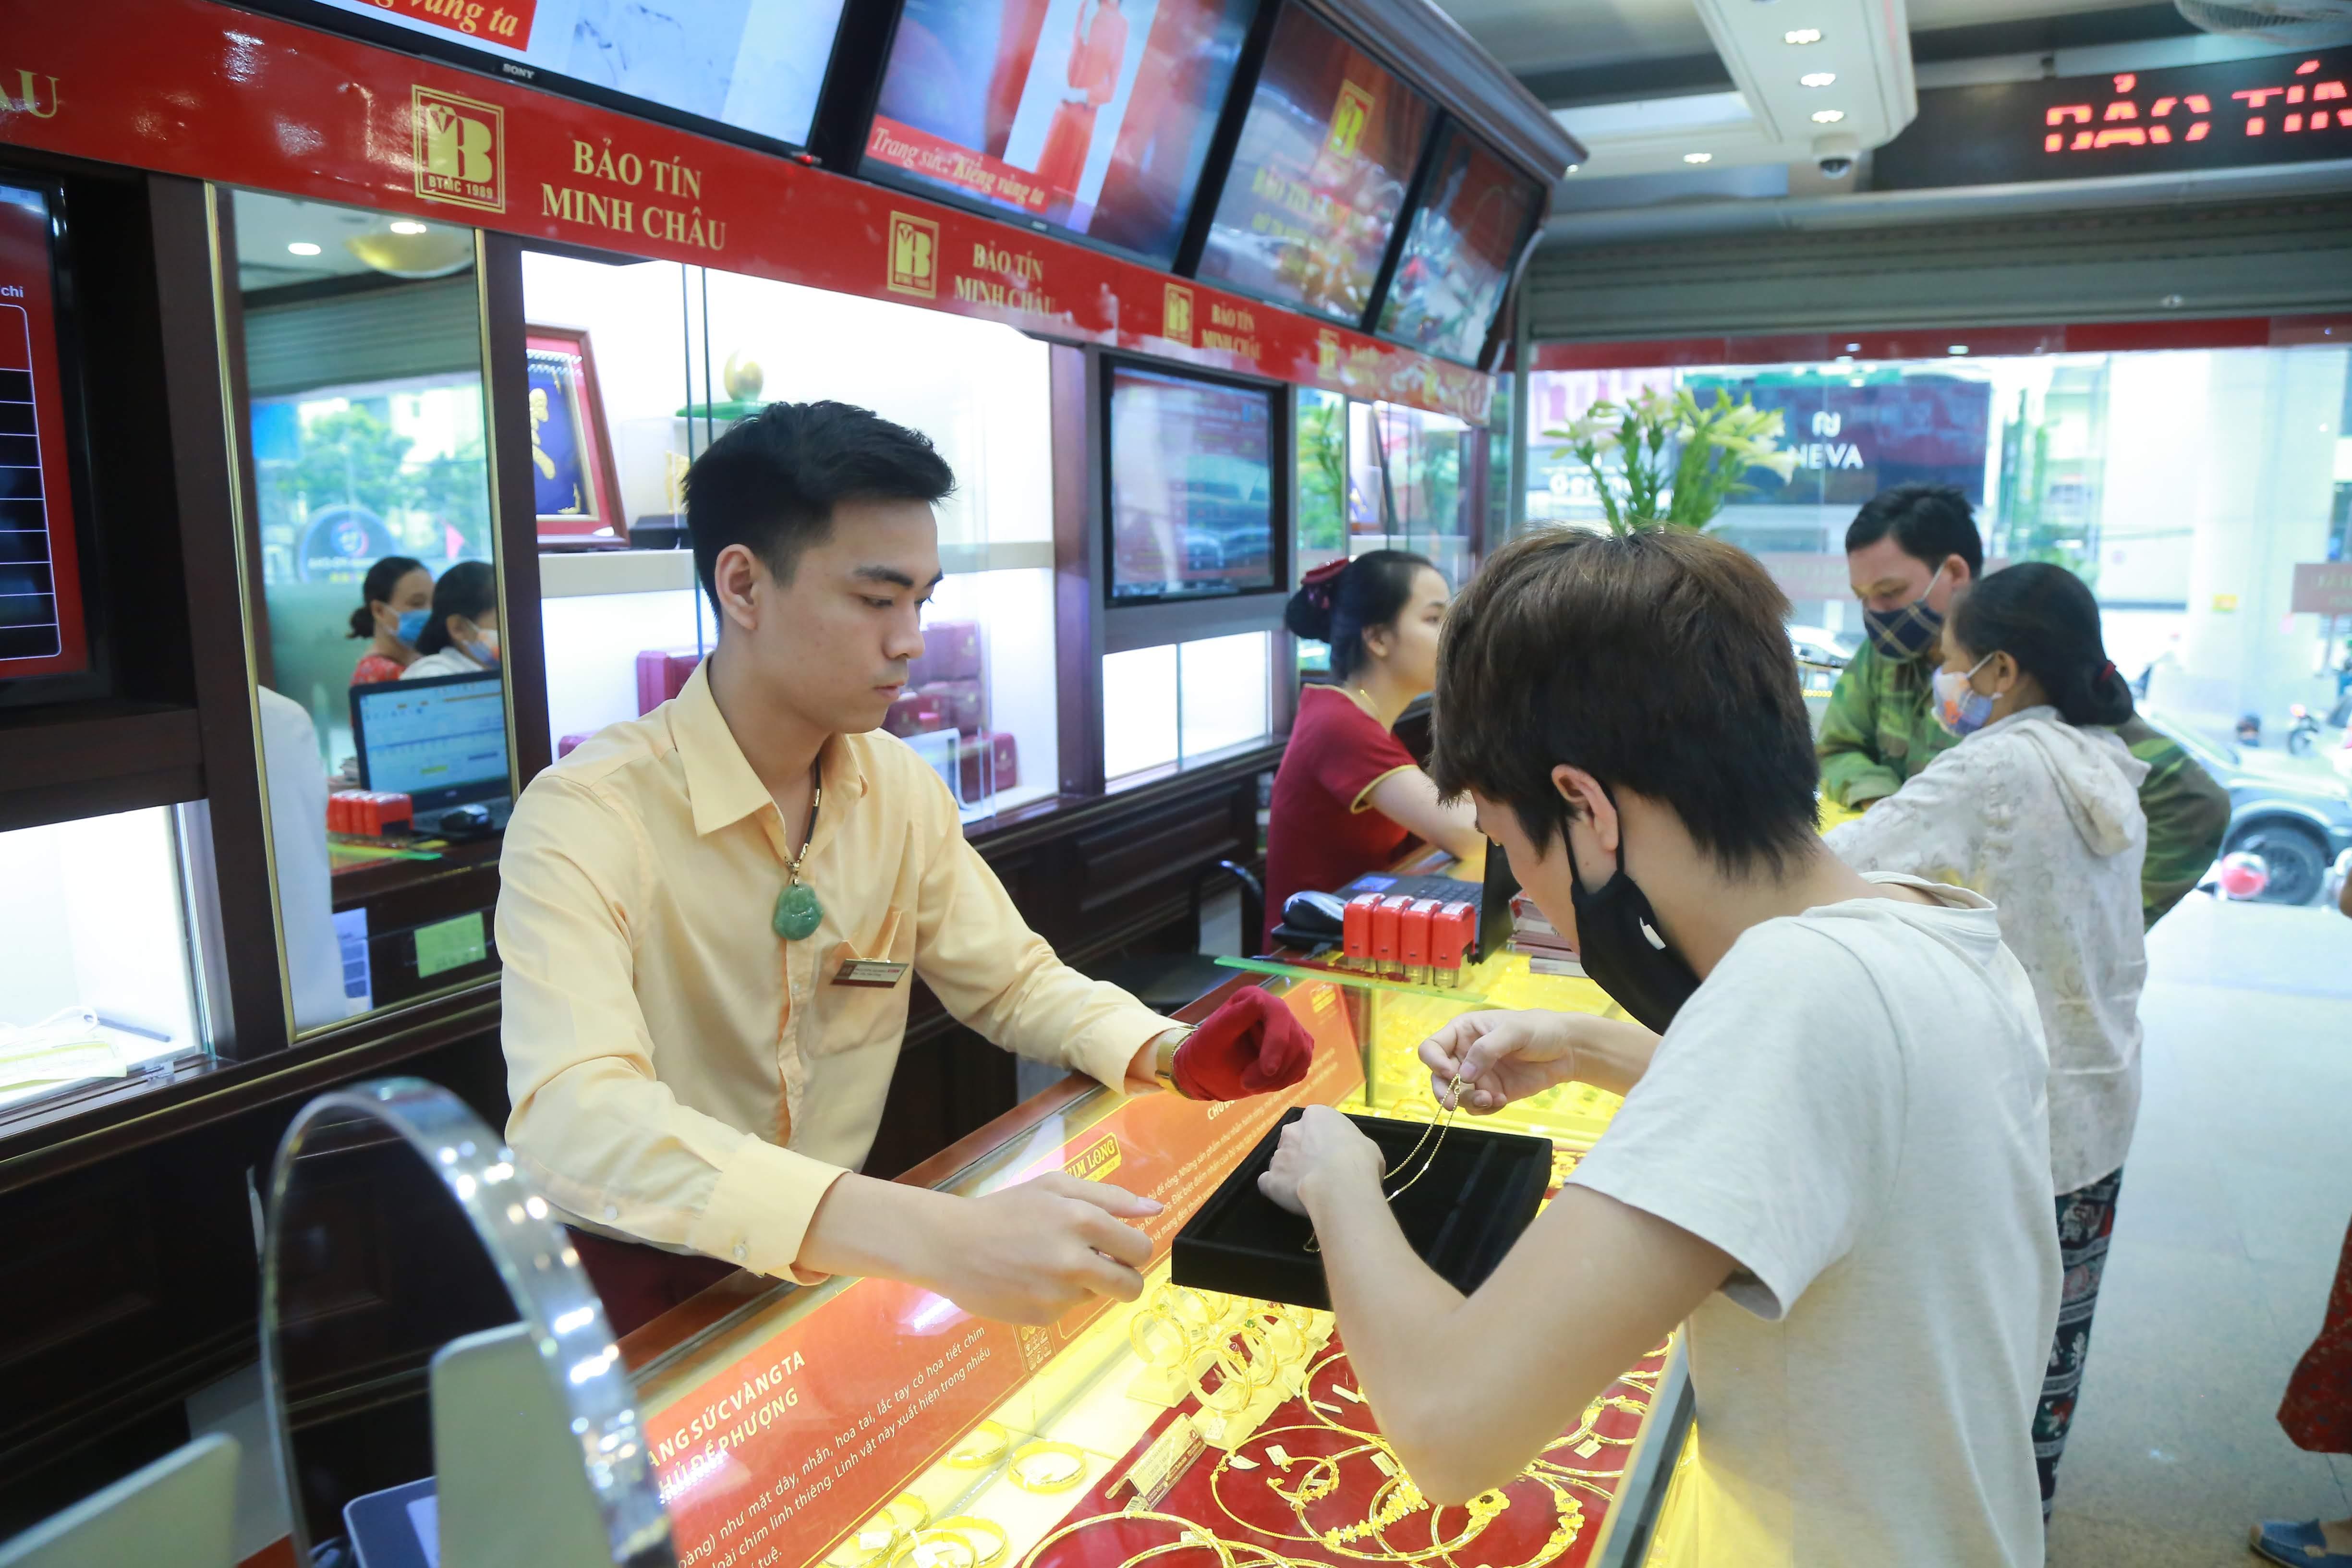 Giá vàng ngày 7/7 đã lập đỉnh mới. Ảnh: Phạm Quang Vinh.